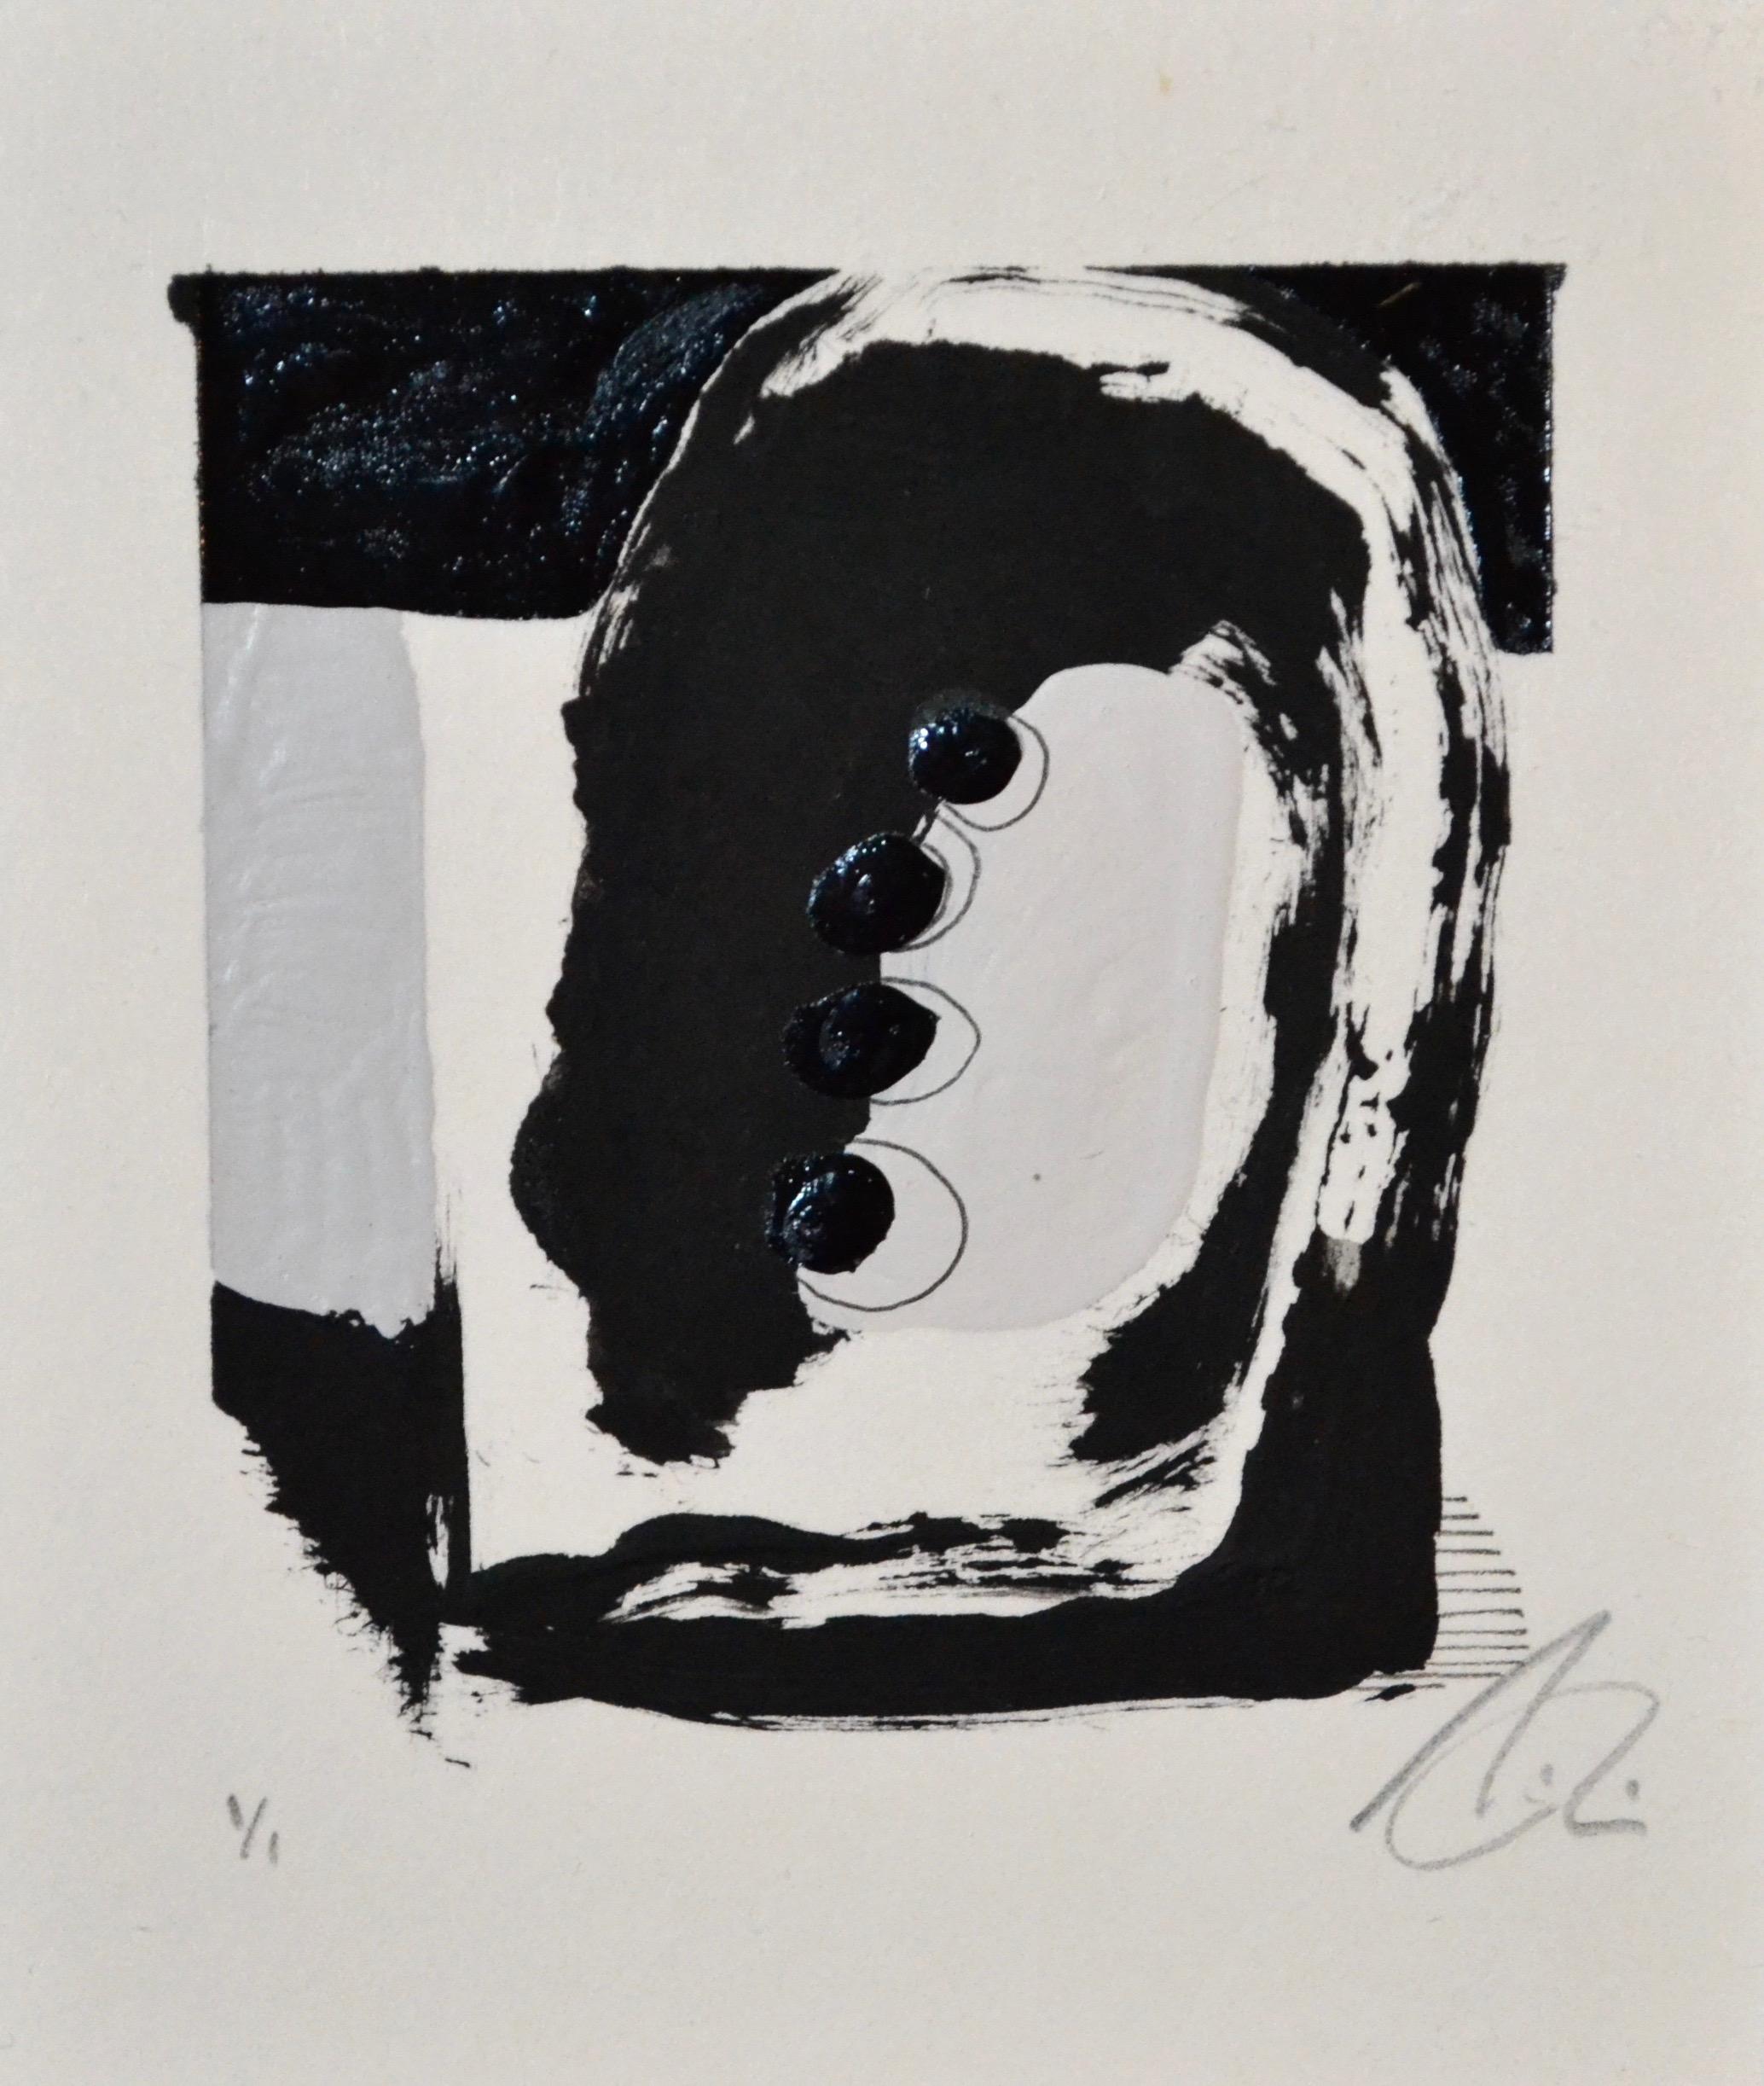 XLIV (sold)